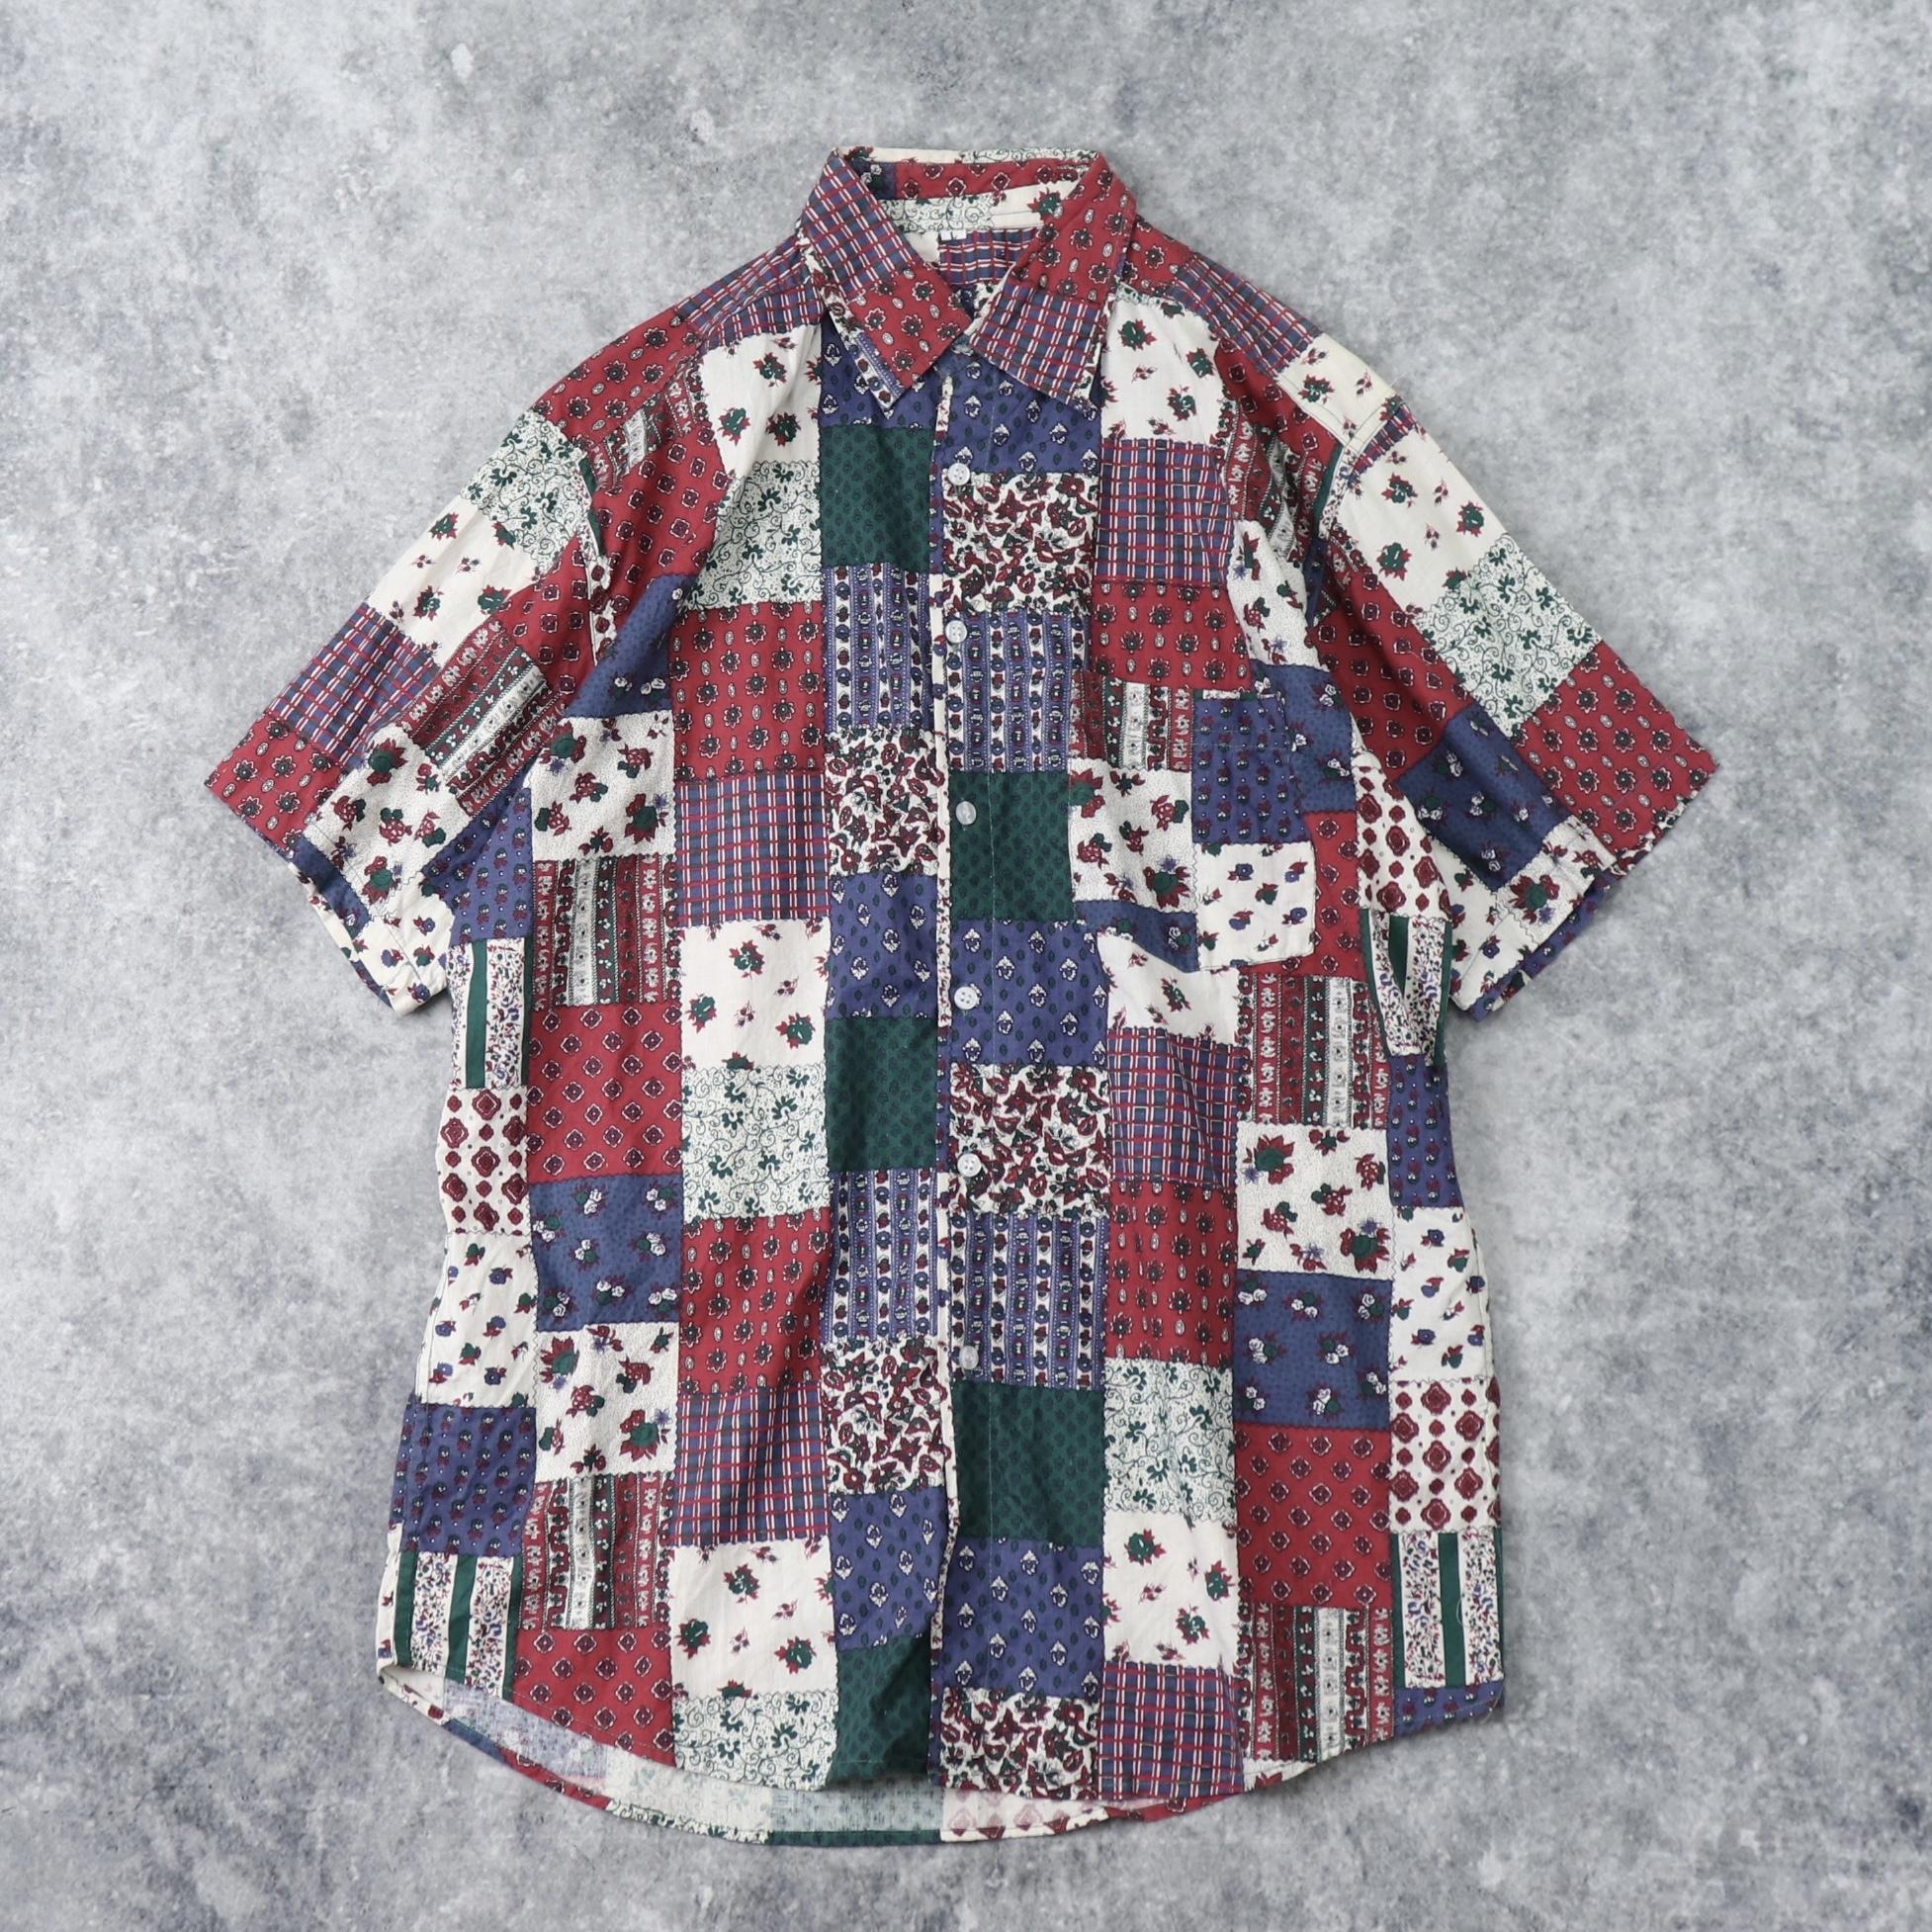 90年代 半袖 パッチワークプリント 総柄シャツ L 古着